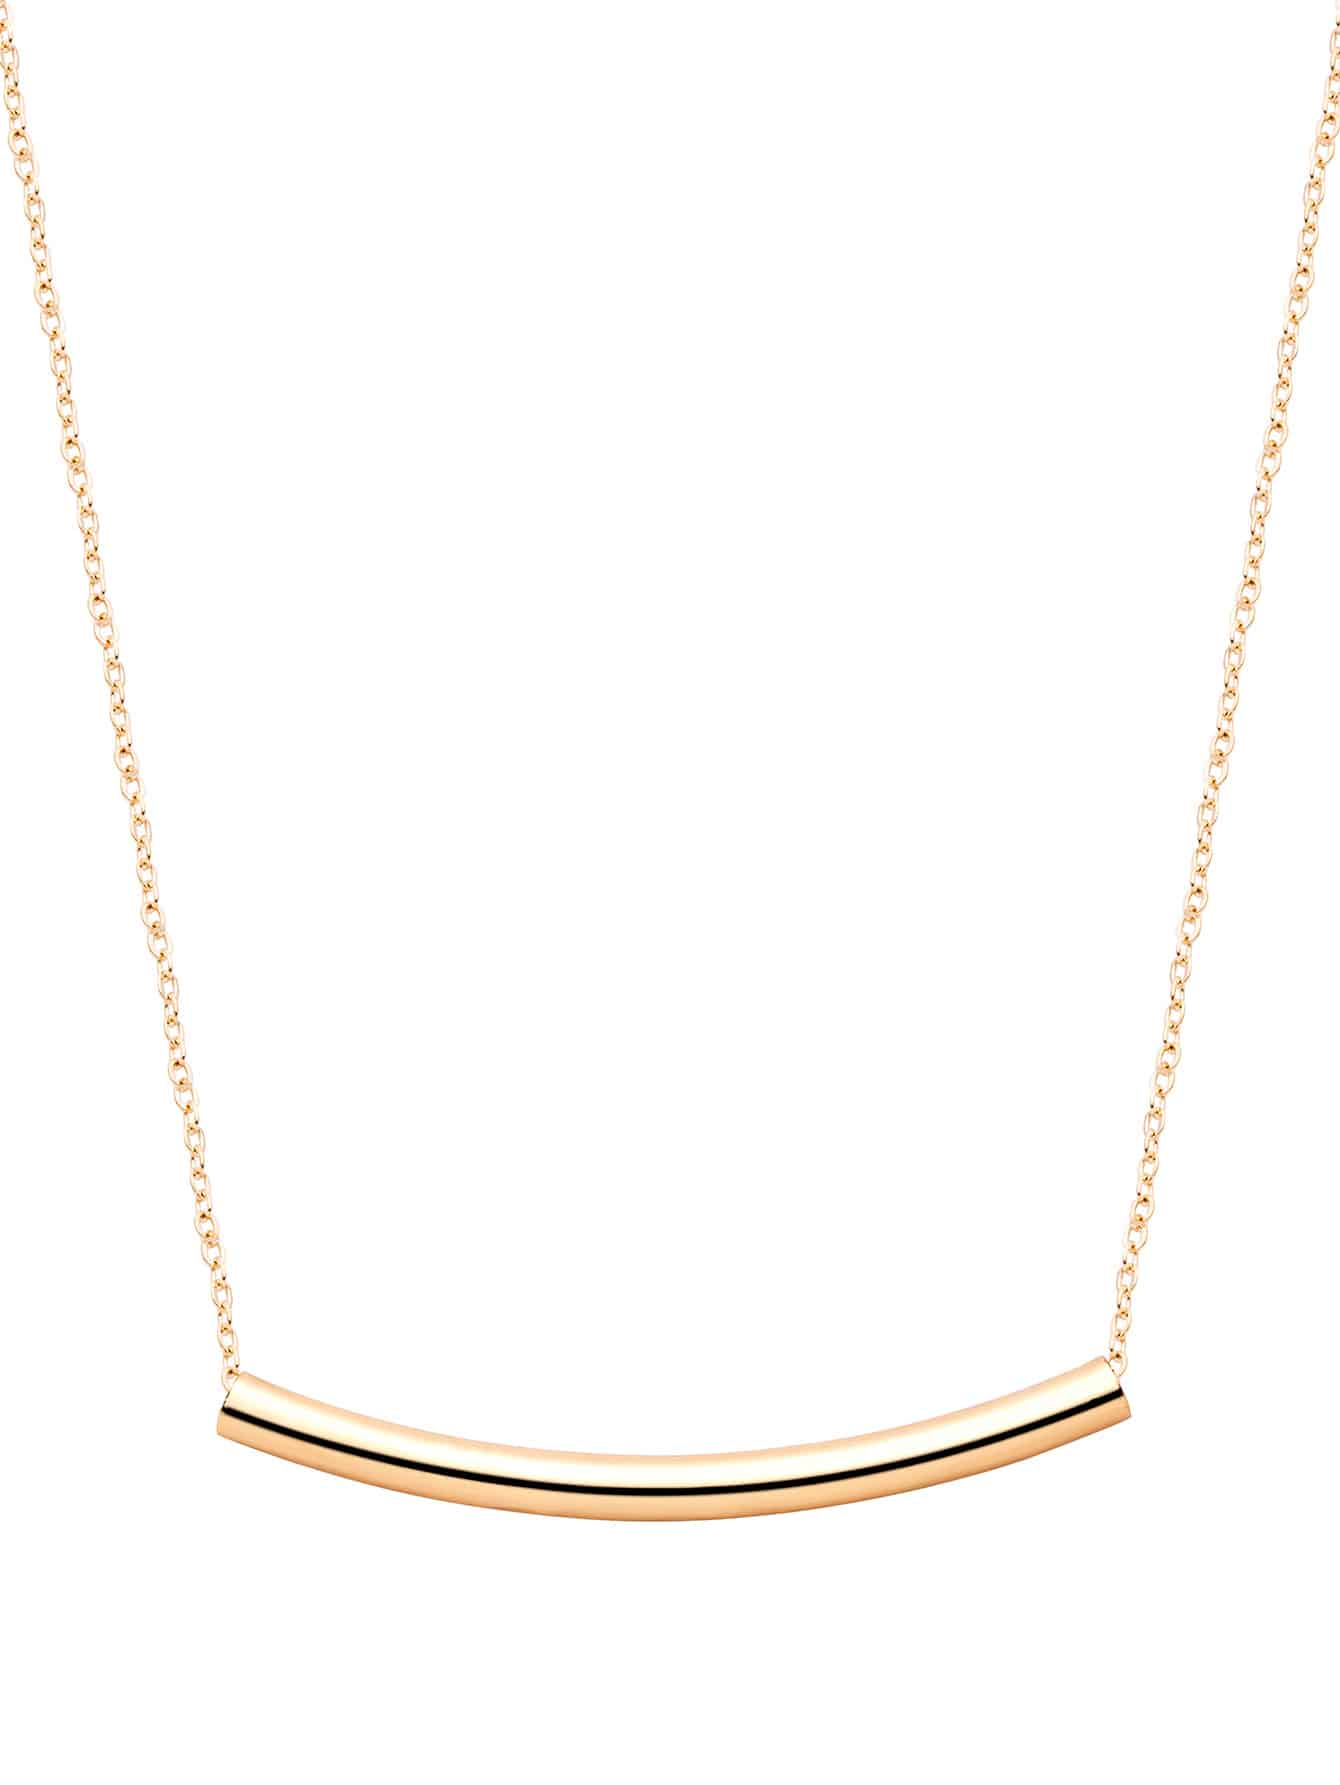 Фото Gold Plated Curved Bar Pendant Necklace. Купить с доставкой